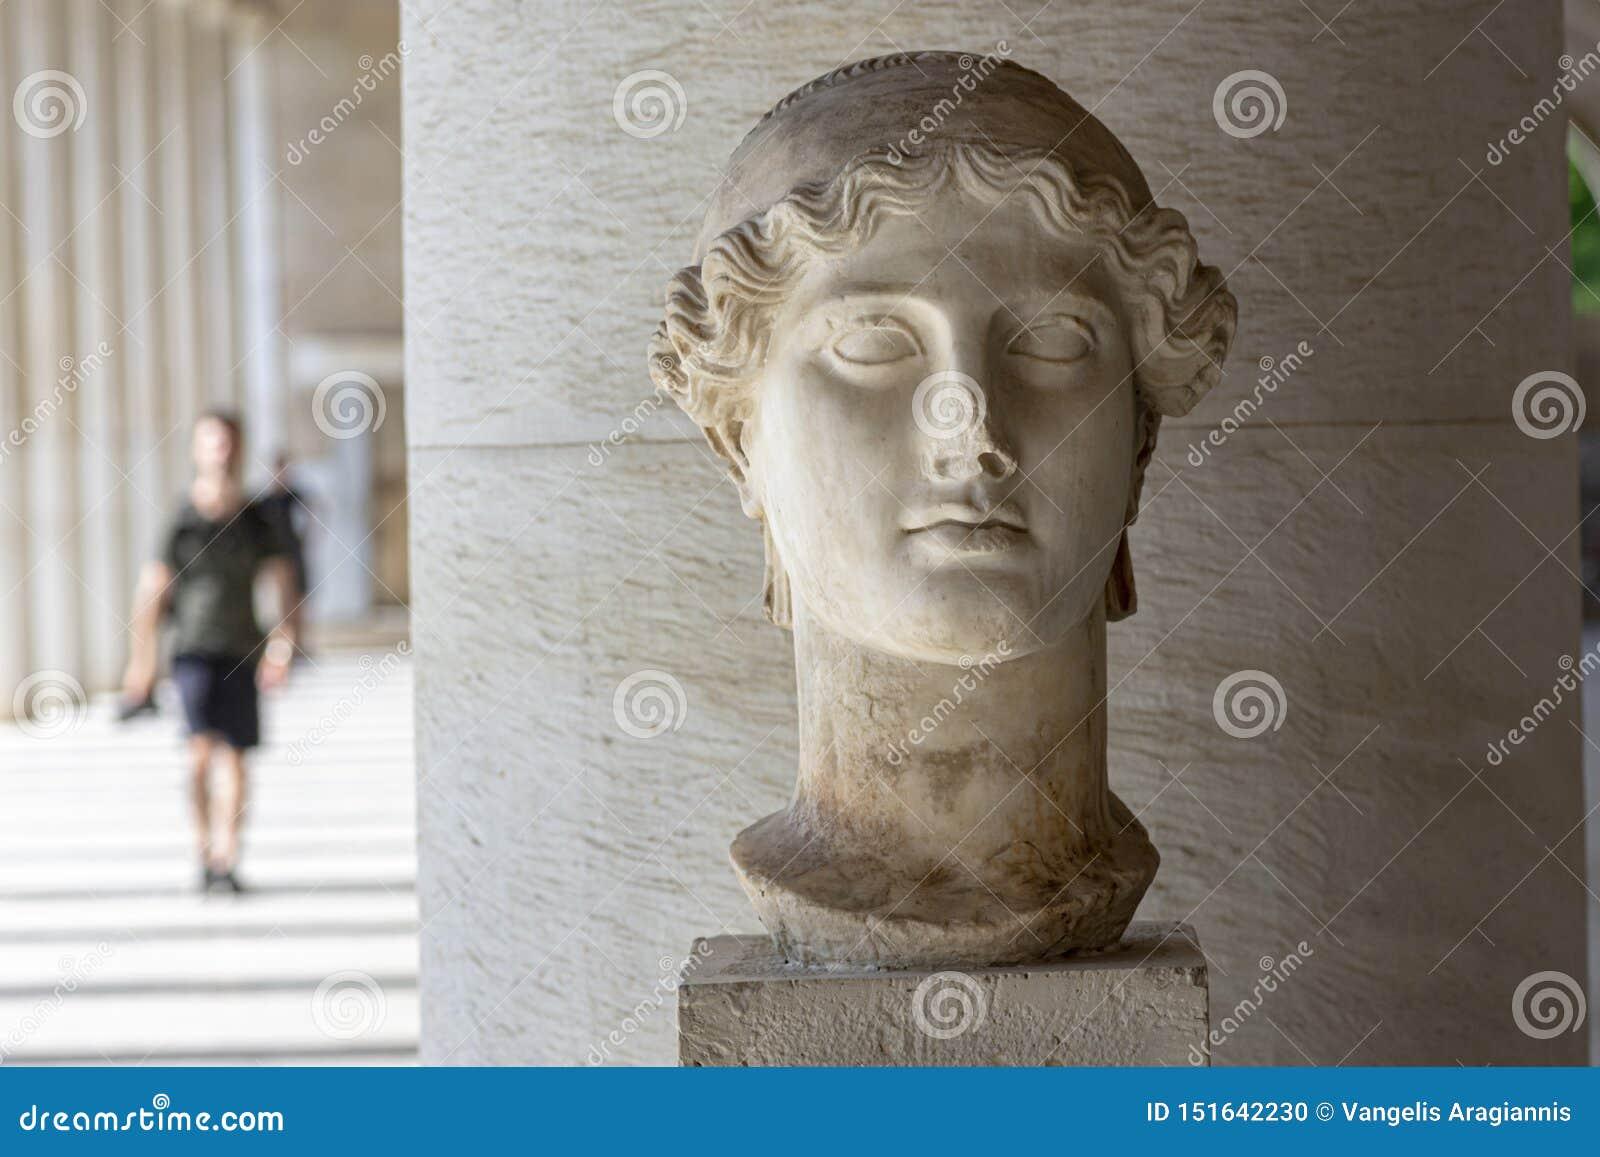 Estátua da deusa grega Nike